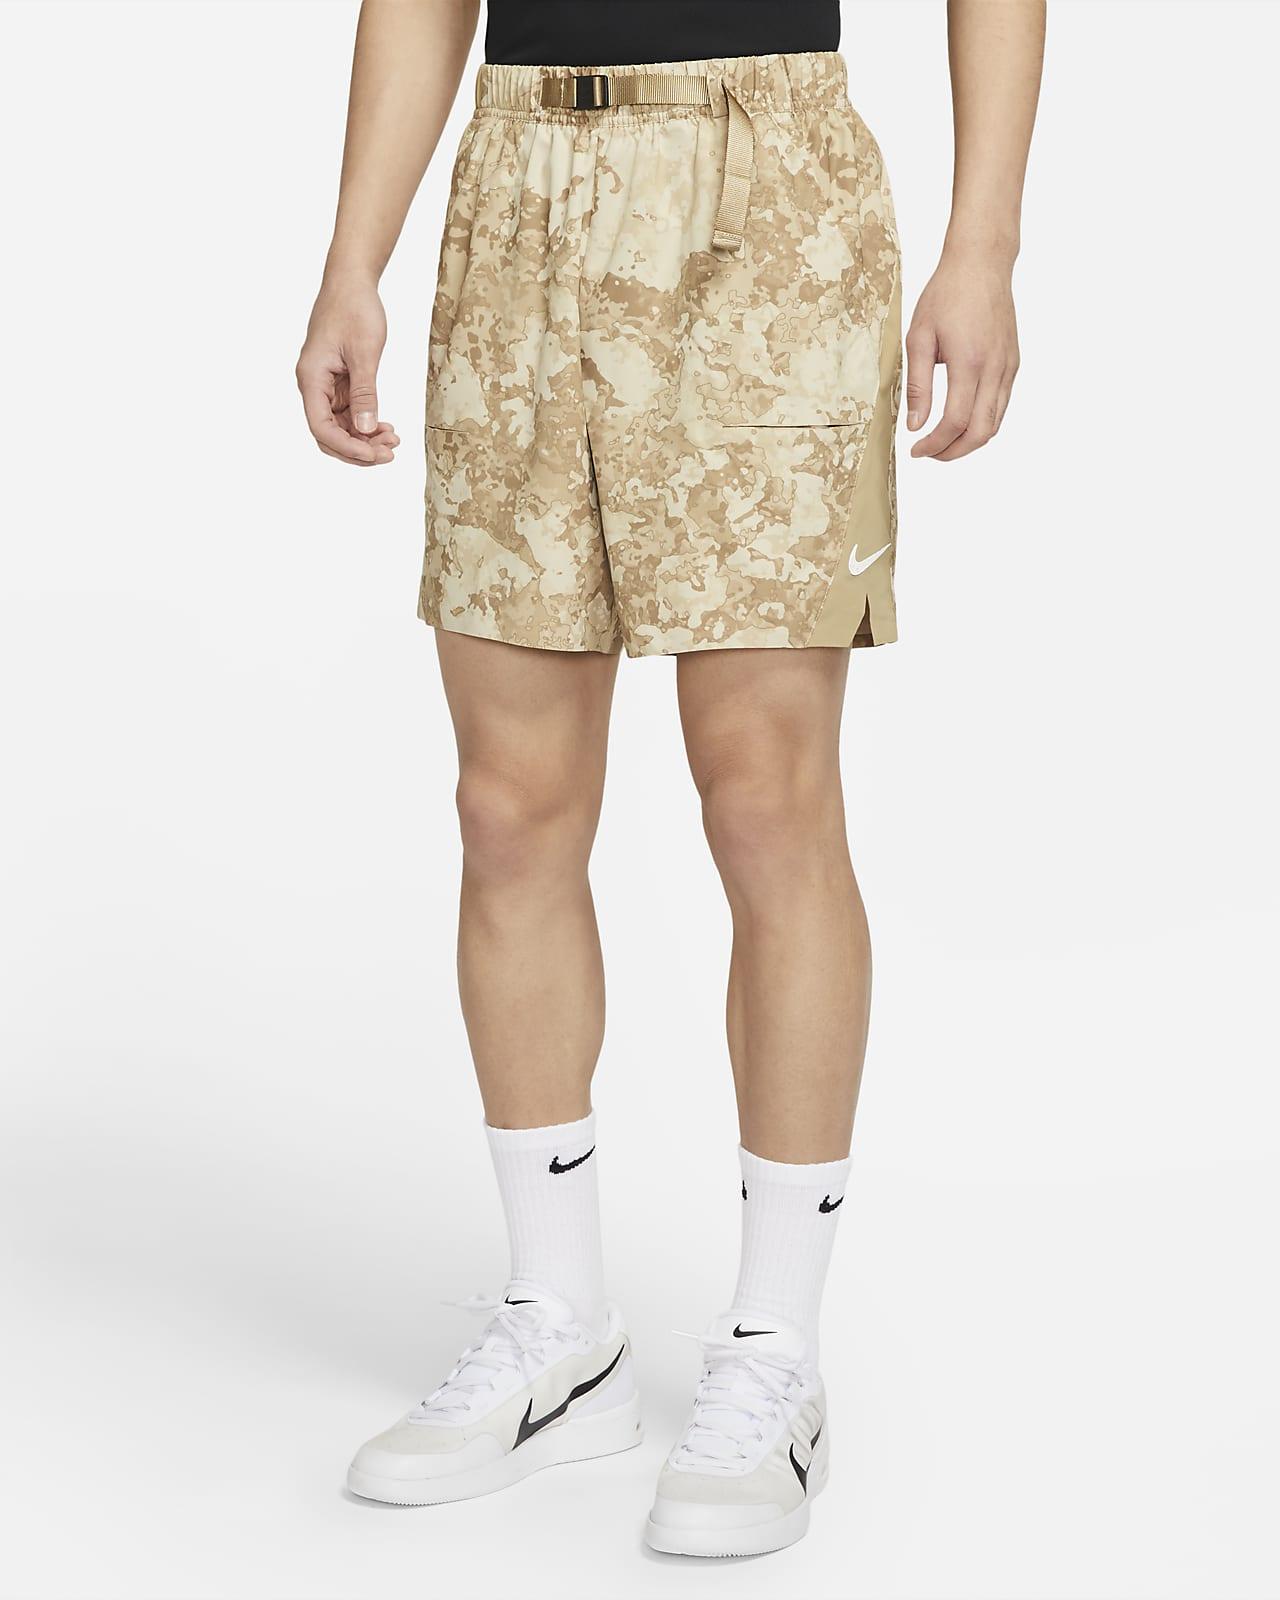 ナイキコート フレックス スラム メンズ テニスショートパンツ